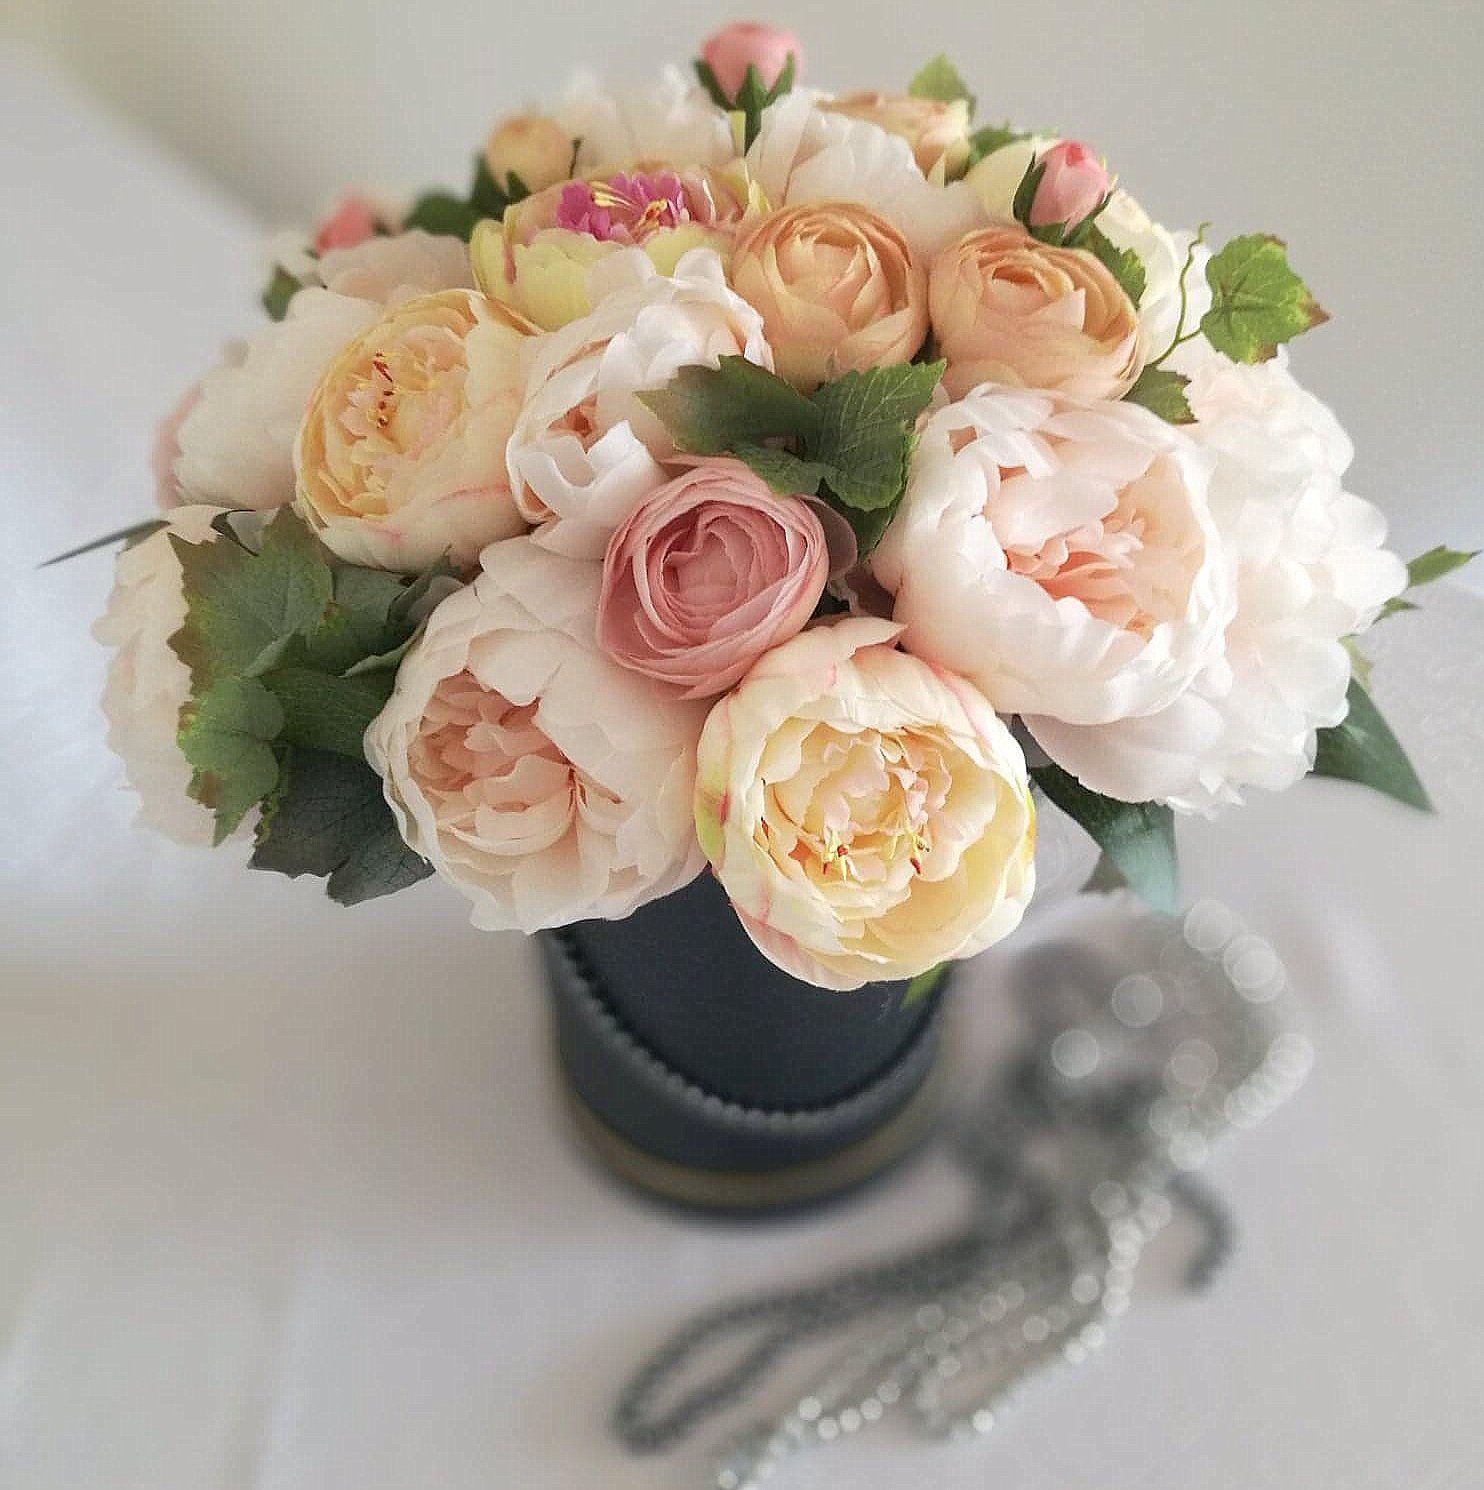 Flower Box Romantyczne Piwonie Swiateczne Atelier Flower Boxes Flowers Desserts